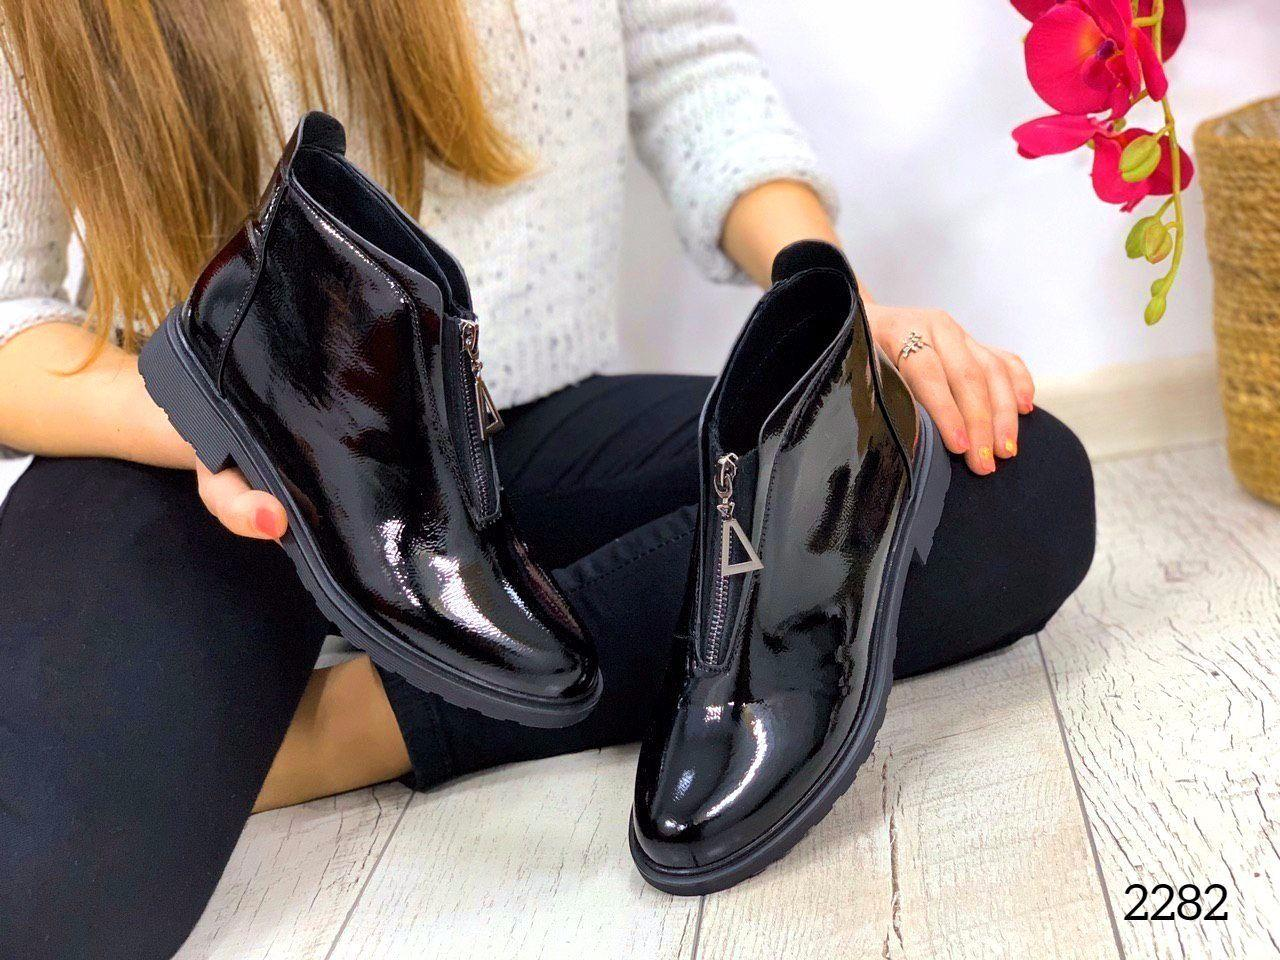 ХИТ ПРОДАЖ!! Ботинки женские. Весна-осень 2020. Арт.2282